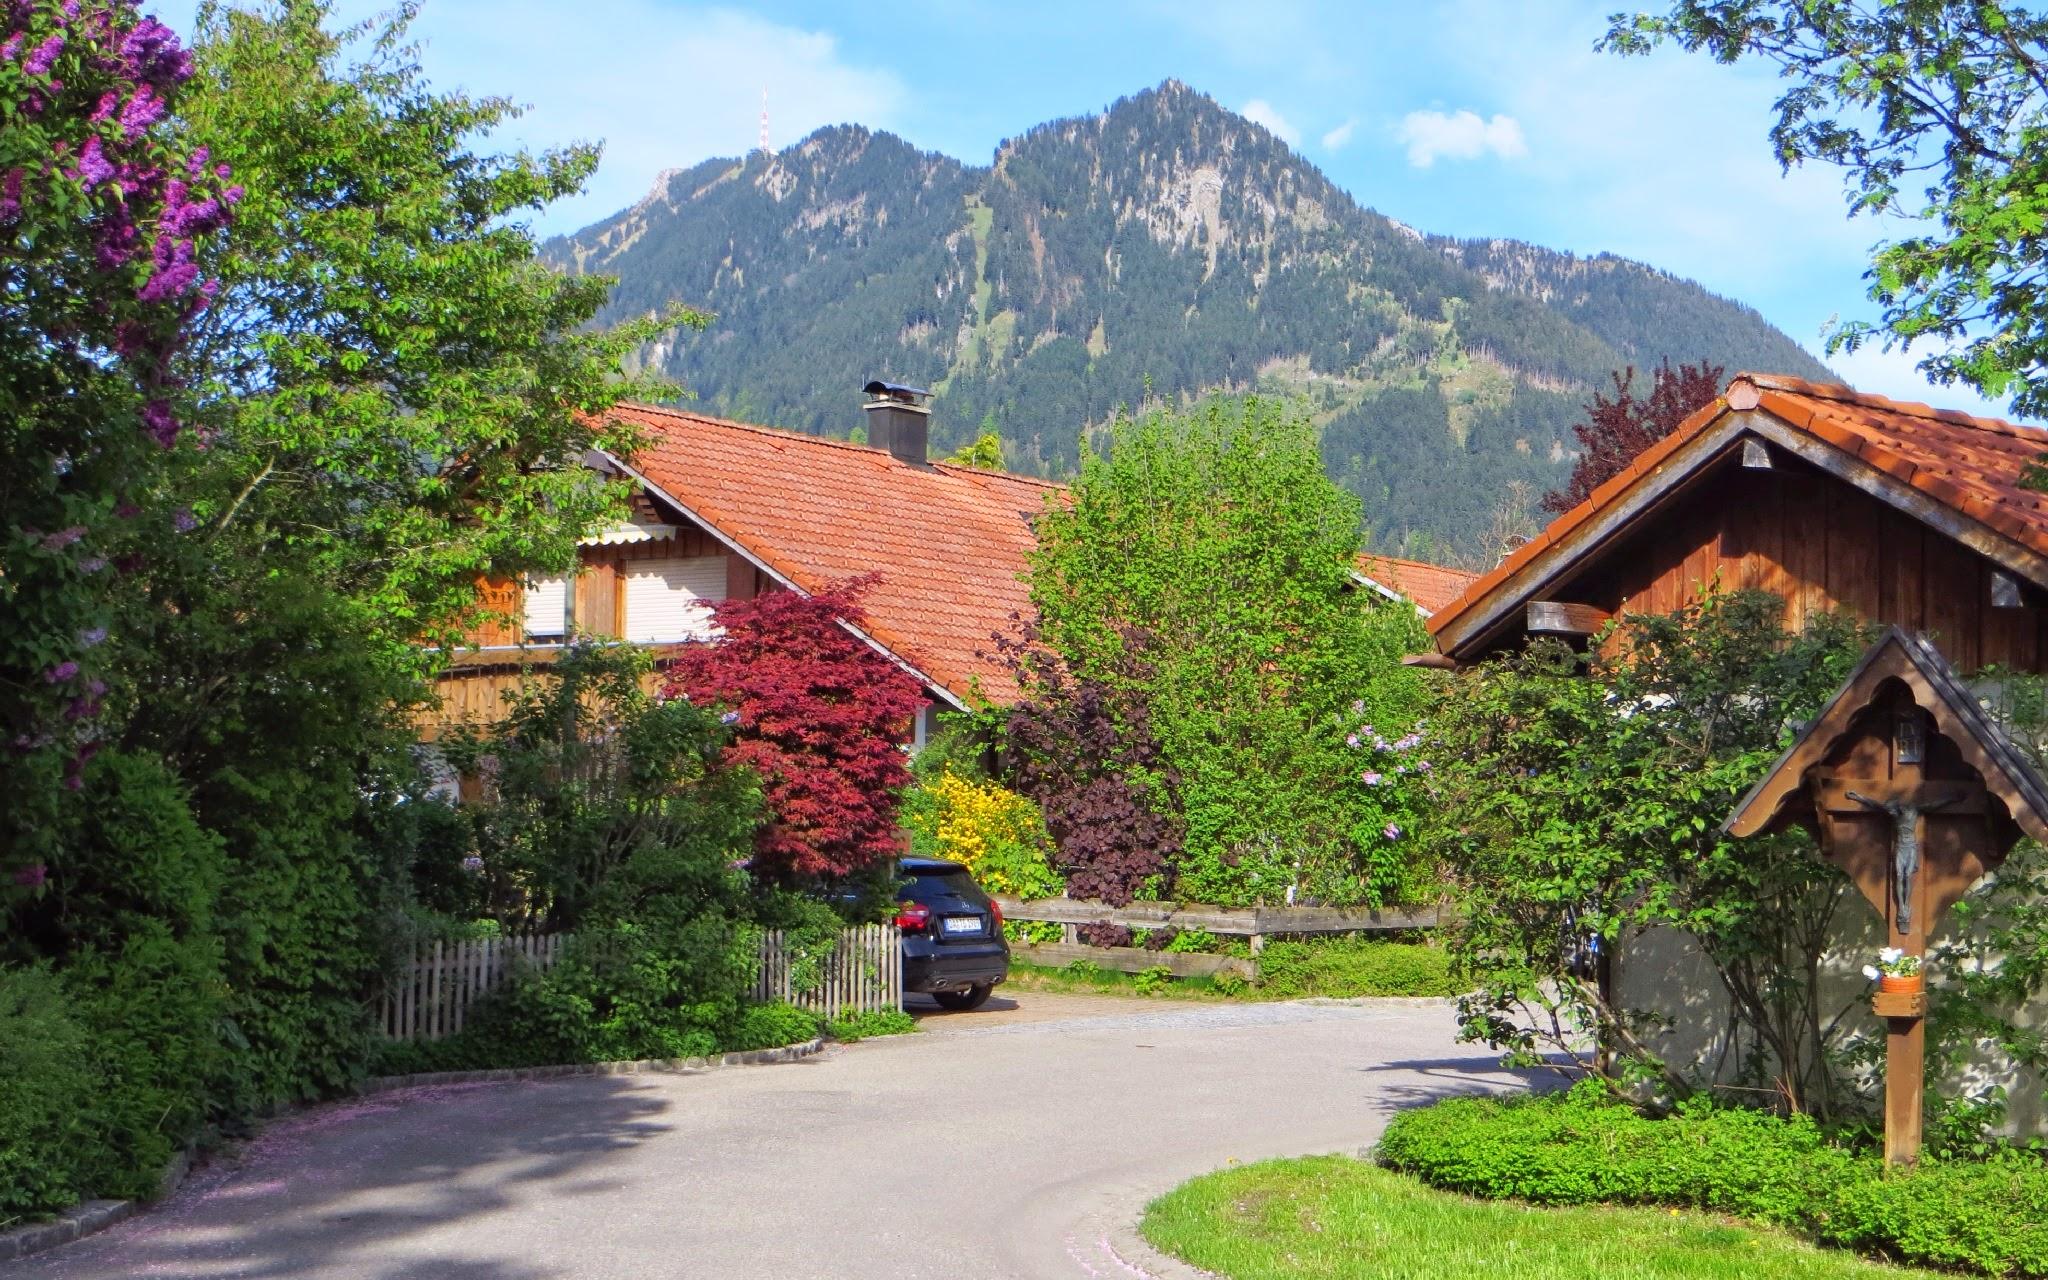 Photo: Blaichach Erlenweg Blick auf Grünten und Burgberger Hörnle mit Wegekreuz (Marterl) Spazieren: https://pagewizz.com/blaichach-spazieren-im-allgau-35033/